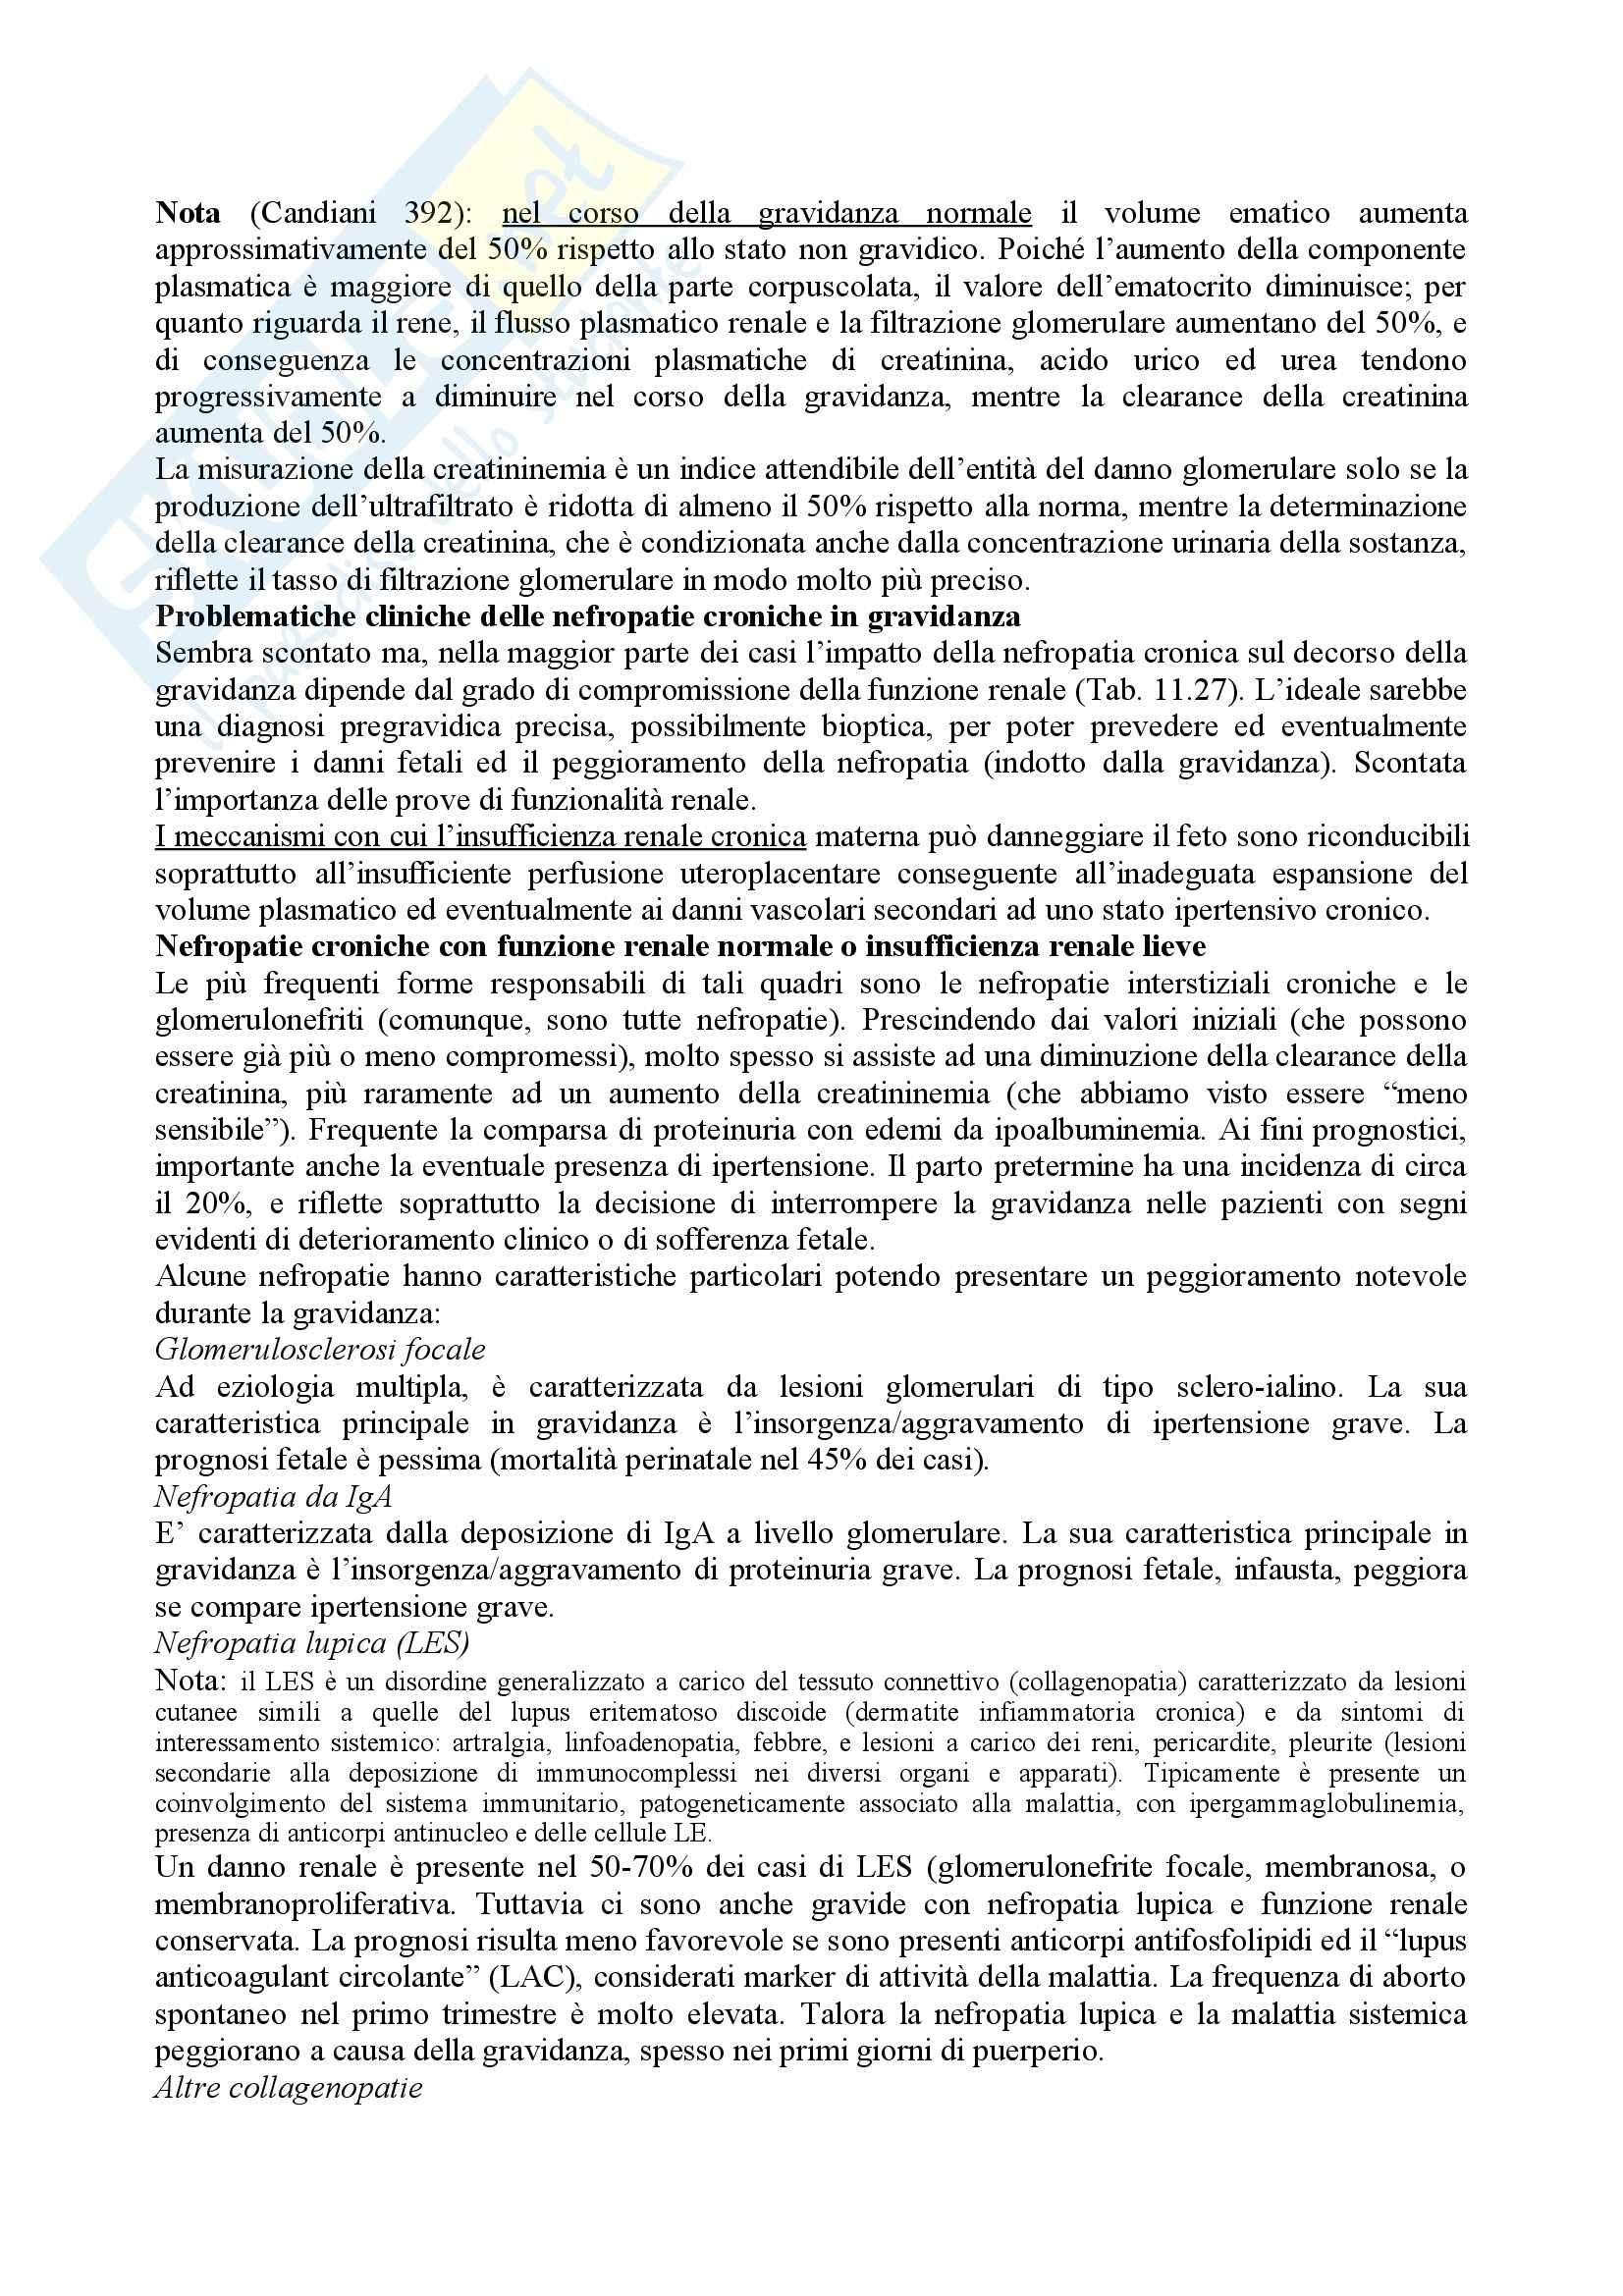 Ginecologia e Ostetricia - Ipertensione e Nefropatie in Gravidanza Pag. 6